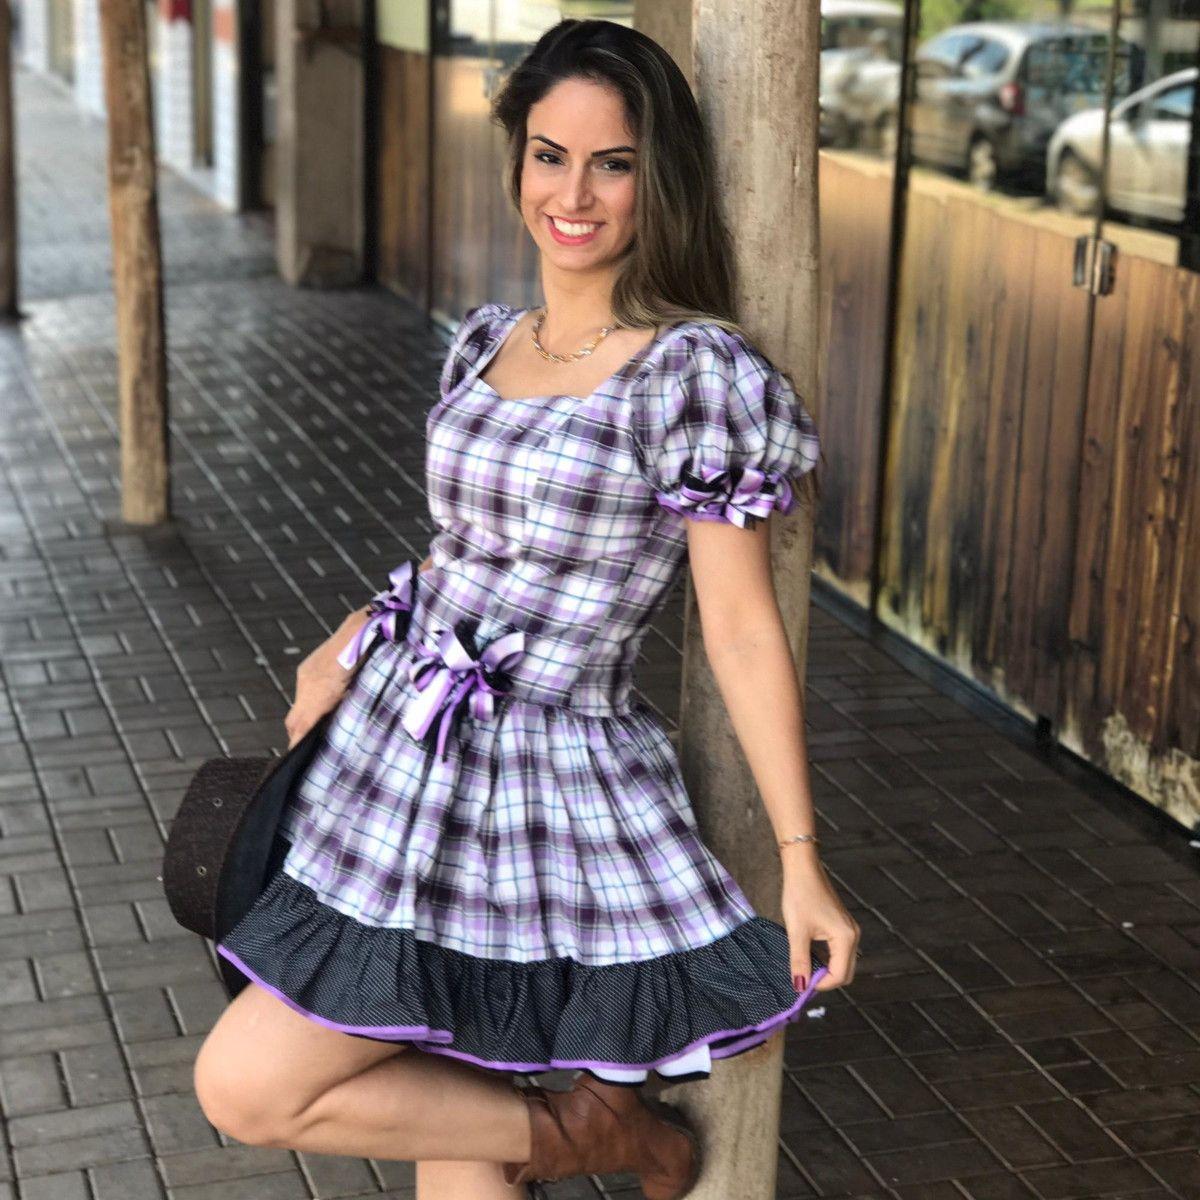 Vestido Fantasia Junino Caipira Xadrez Discreto Adulto Luxo No Elo7 Dalili Store 96c7ac Vestidos Ideias Fashion Vestido Festa Junina Adulto